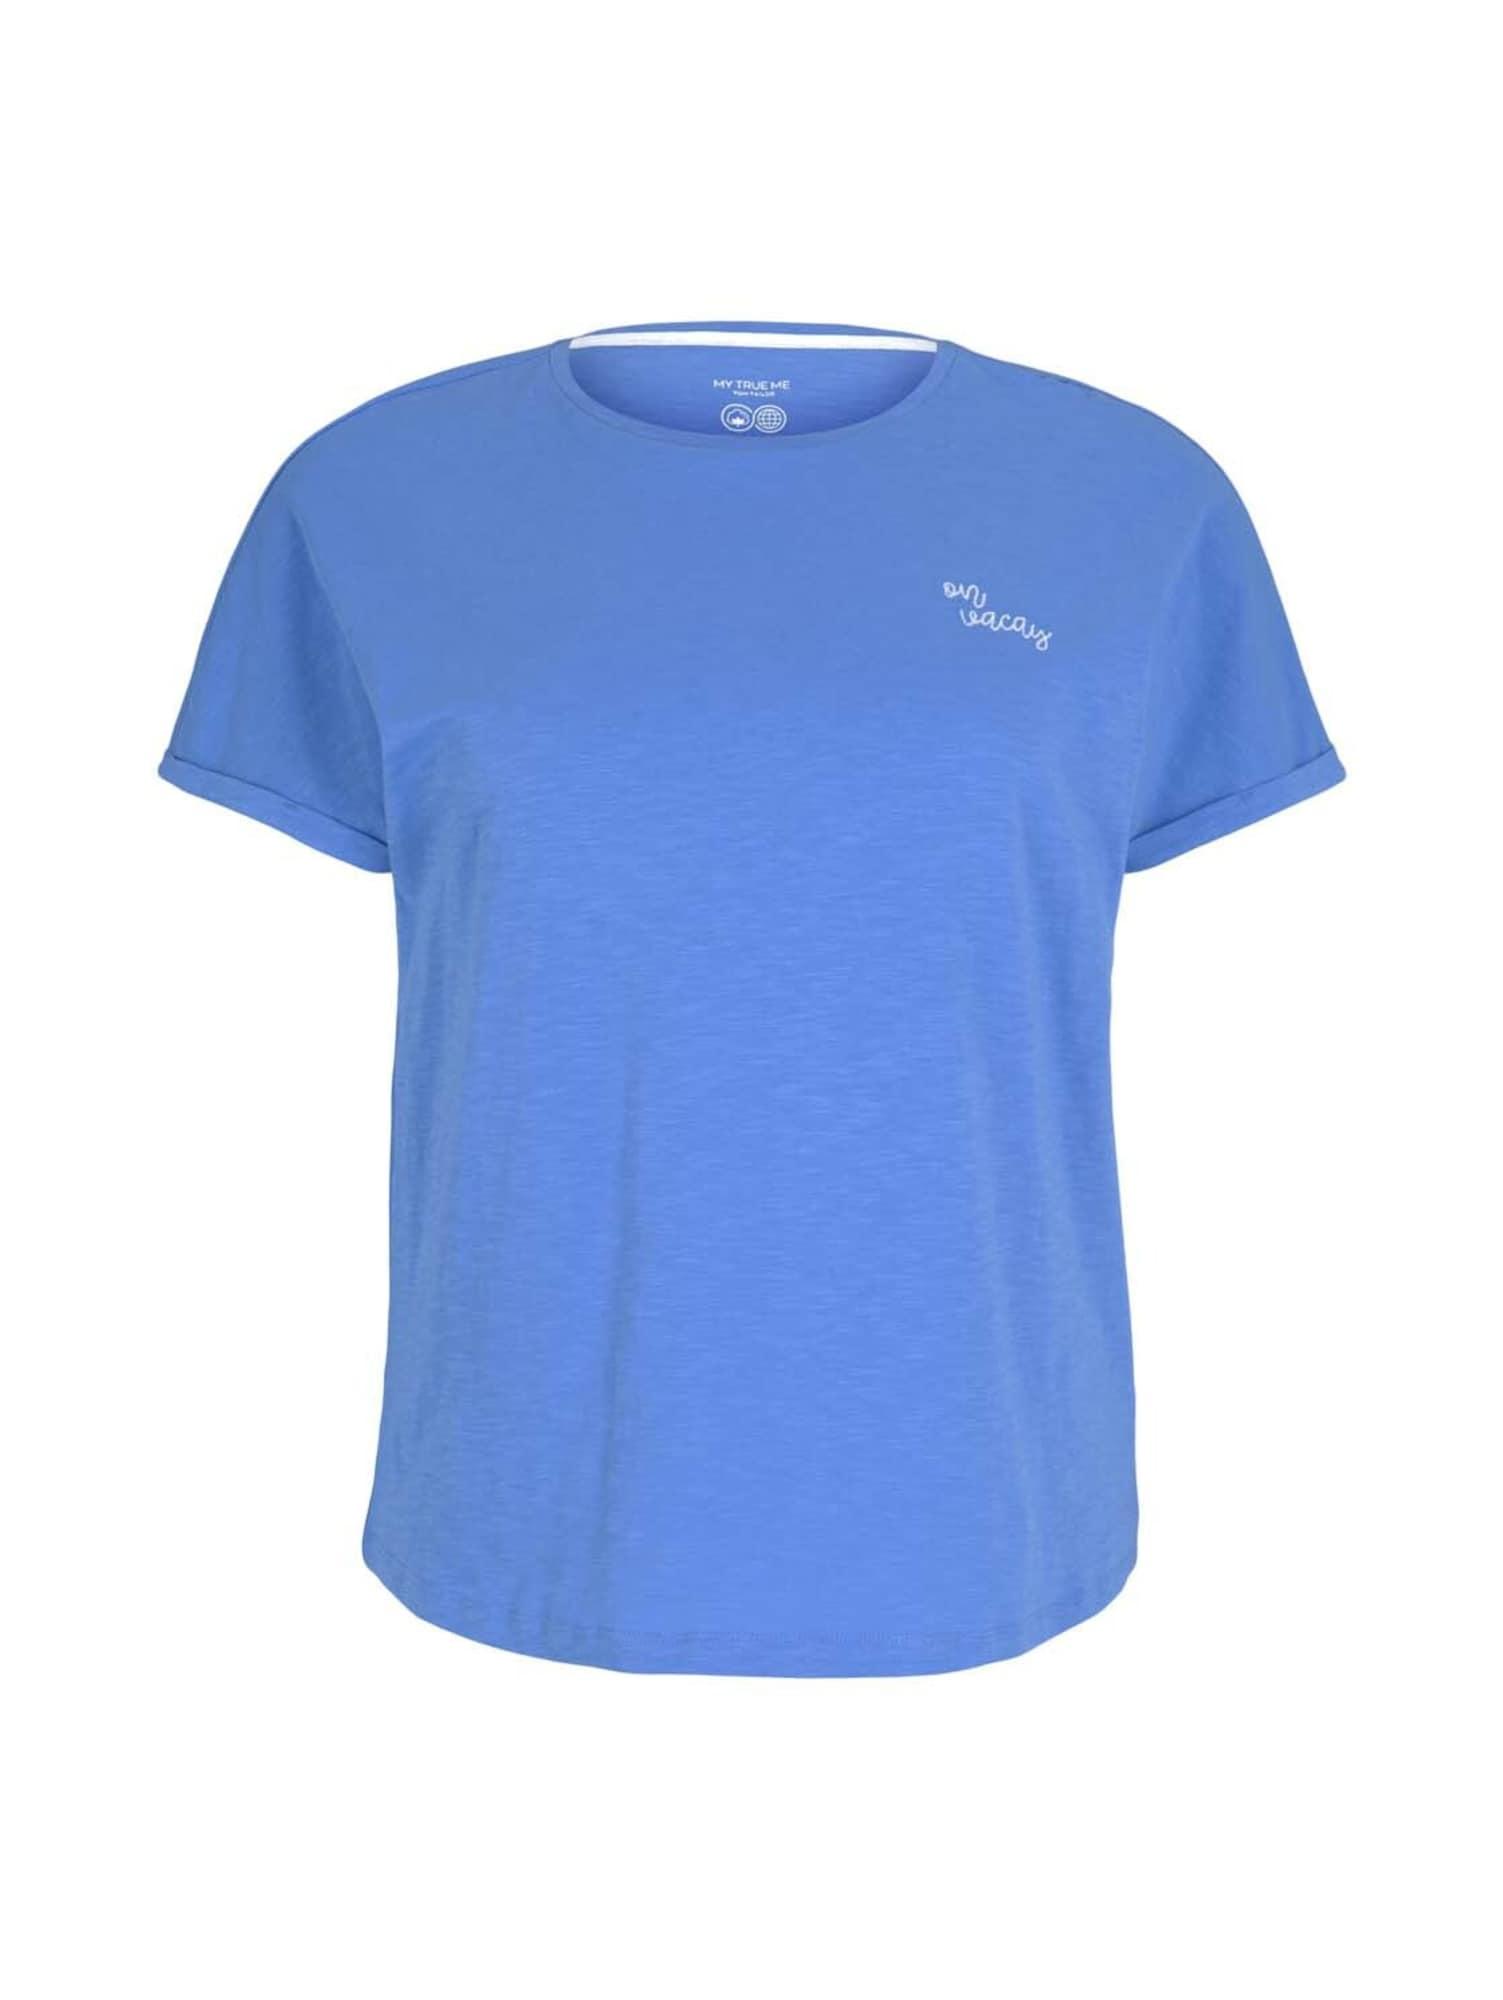 MY TRUE ME Marškinėliai dangaus žydra / balta